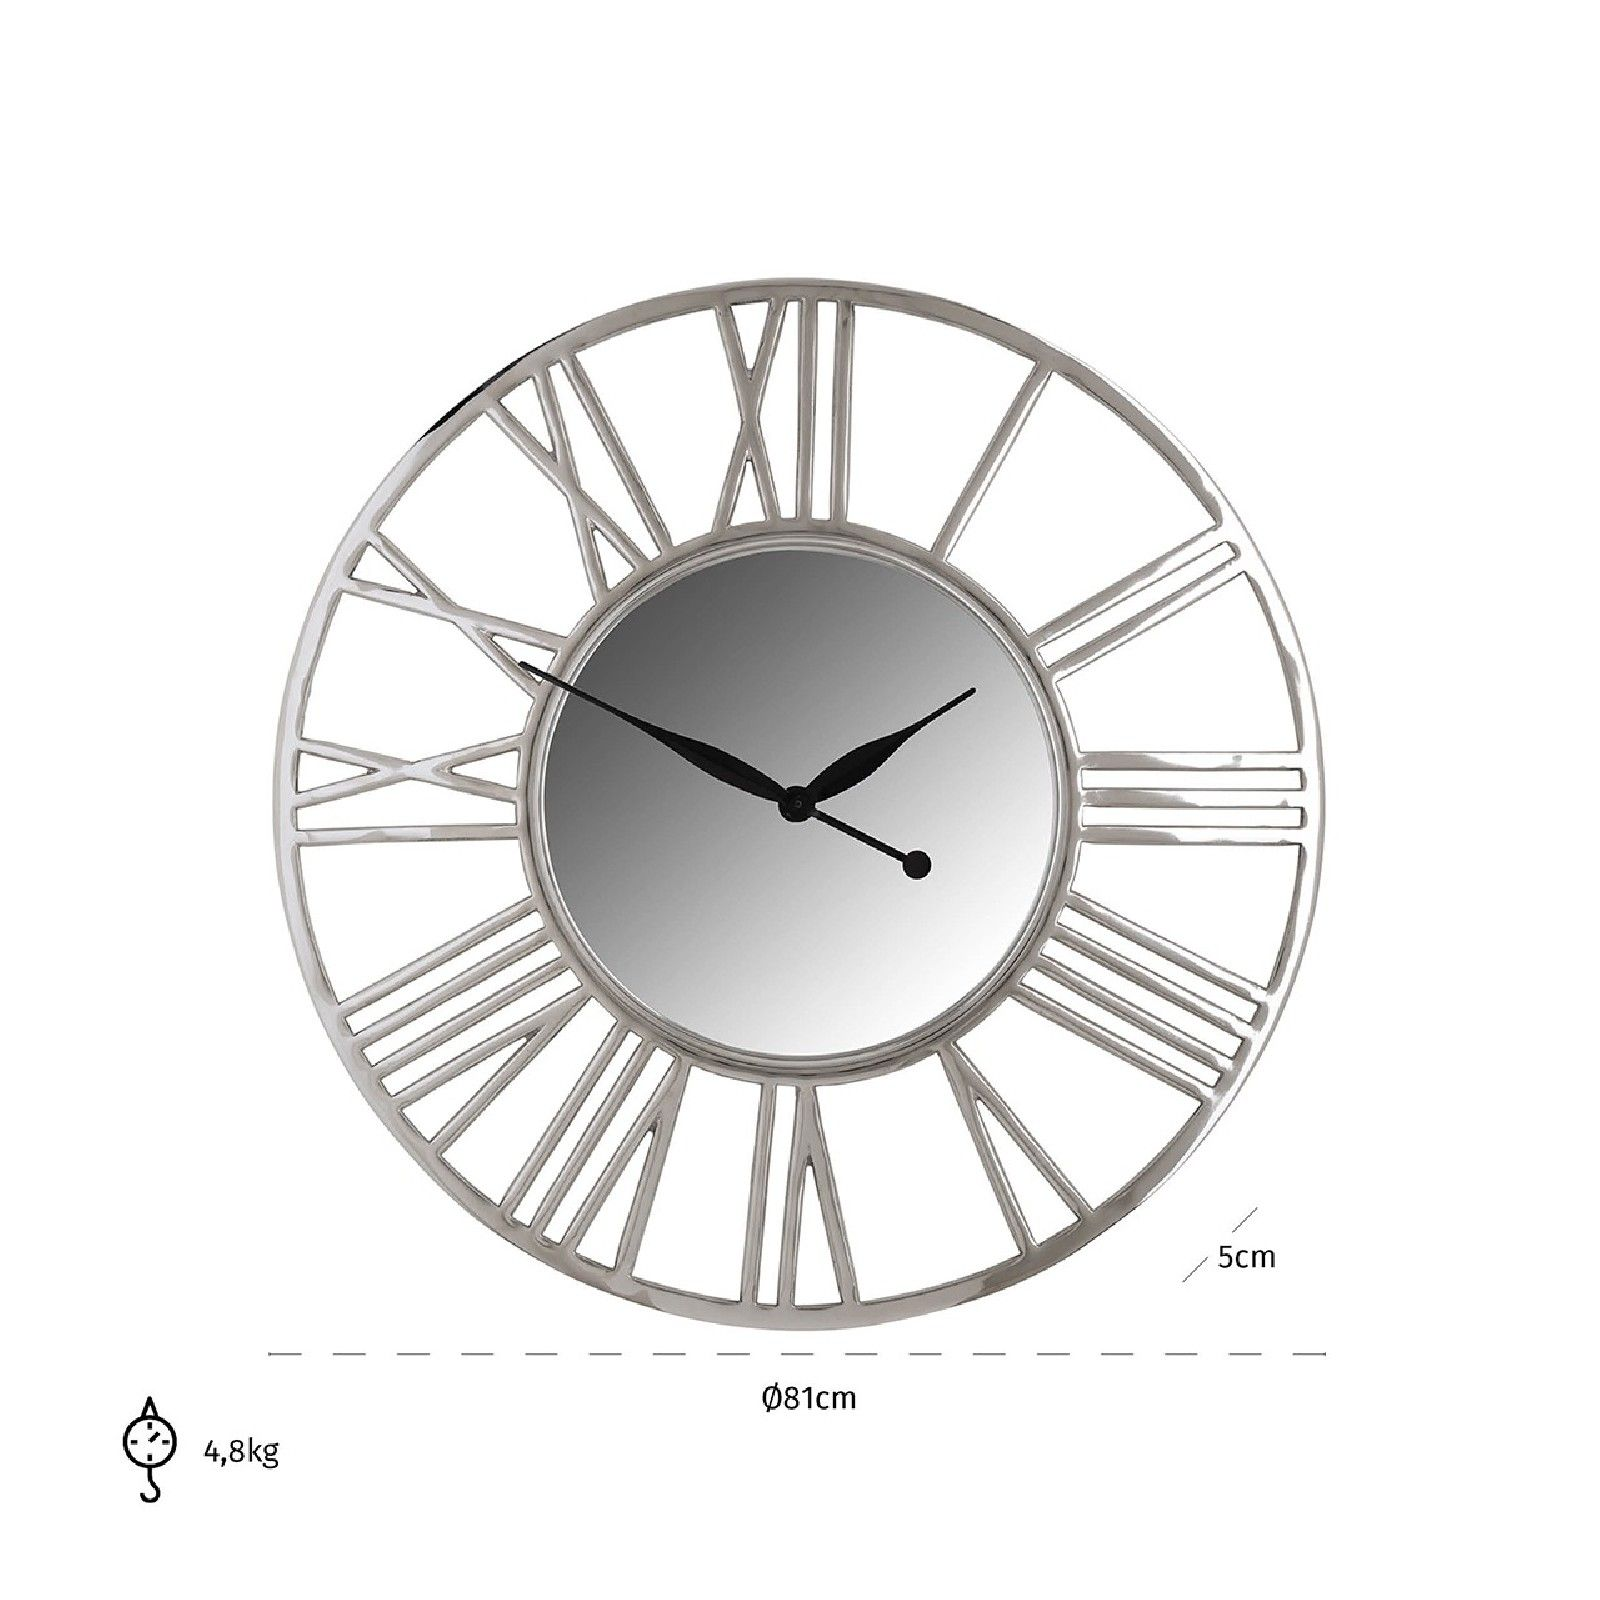 Horloge Danell Horloges murales - 17